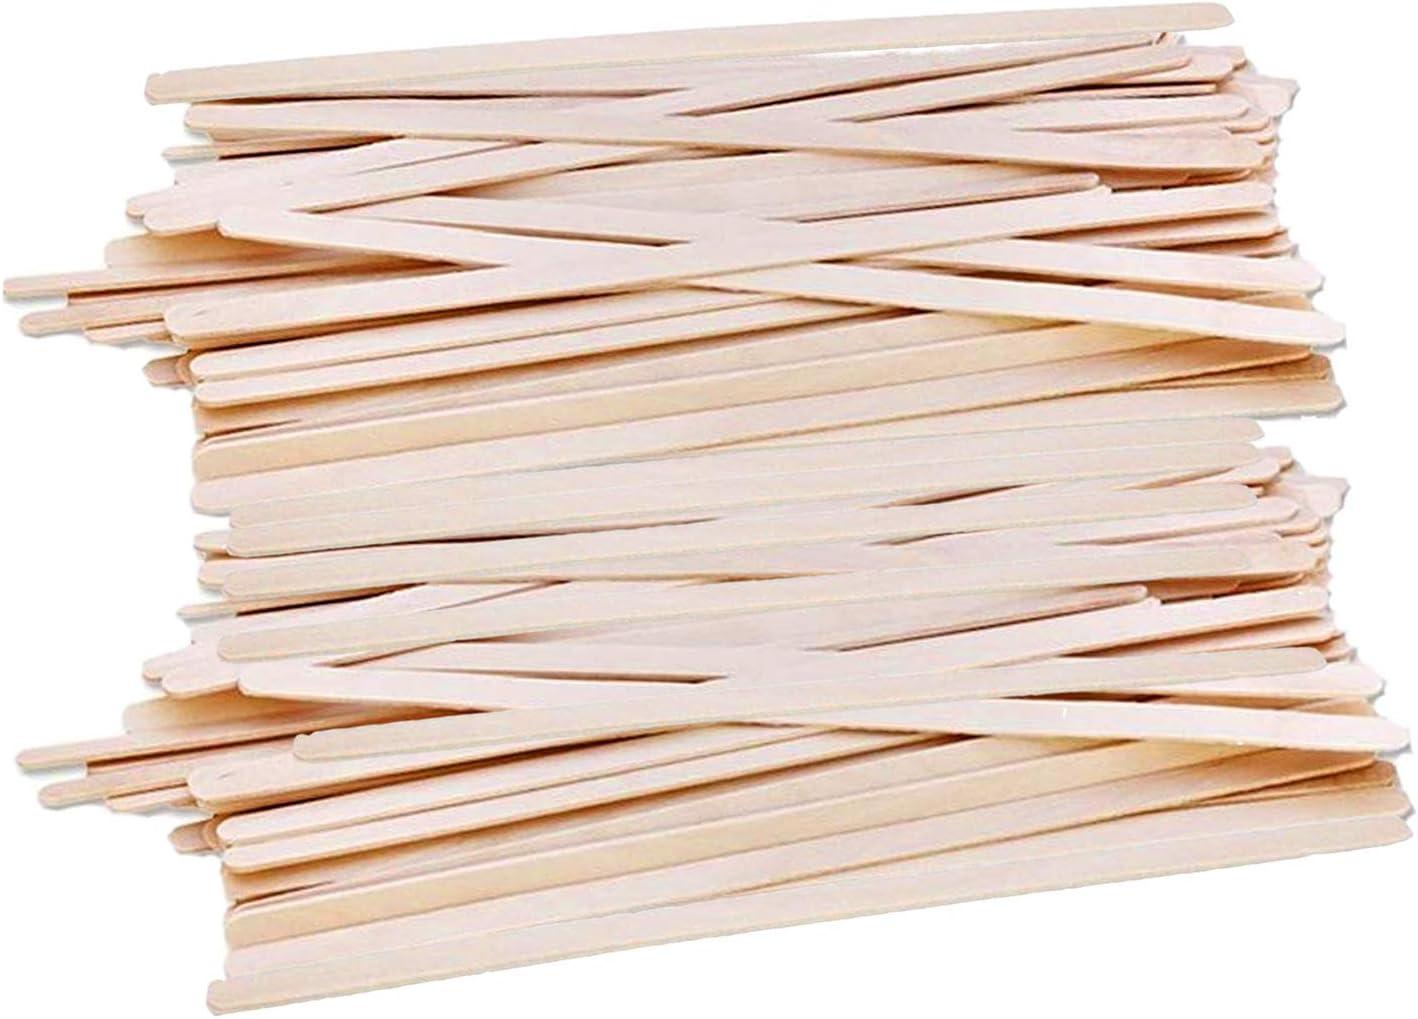 Gmark Coffee Stir Sticks 7